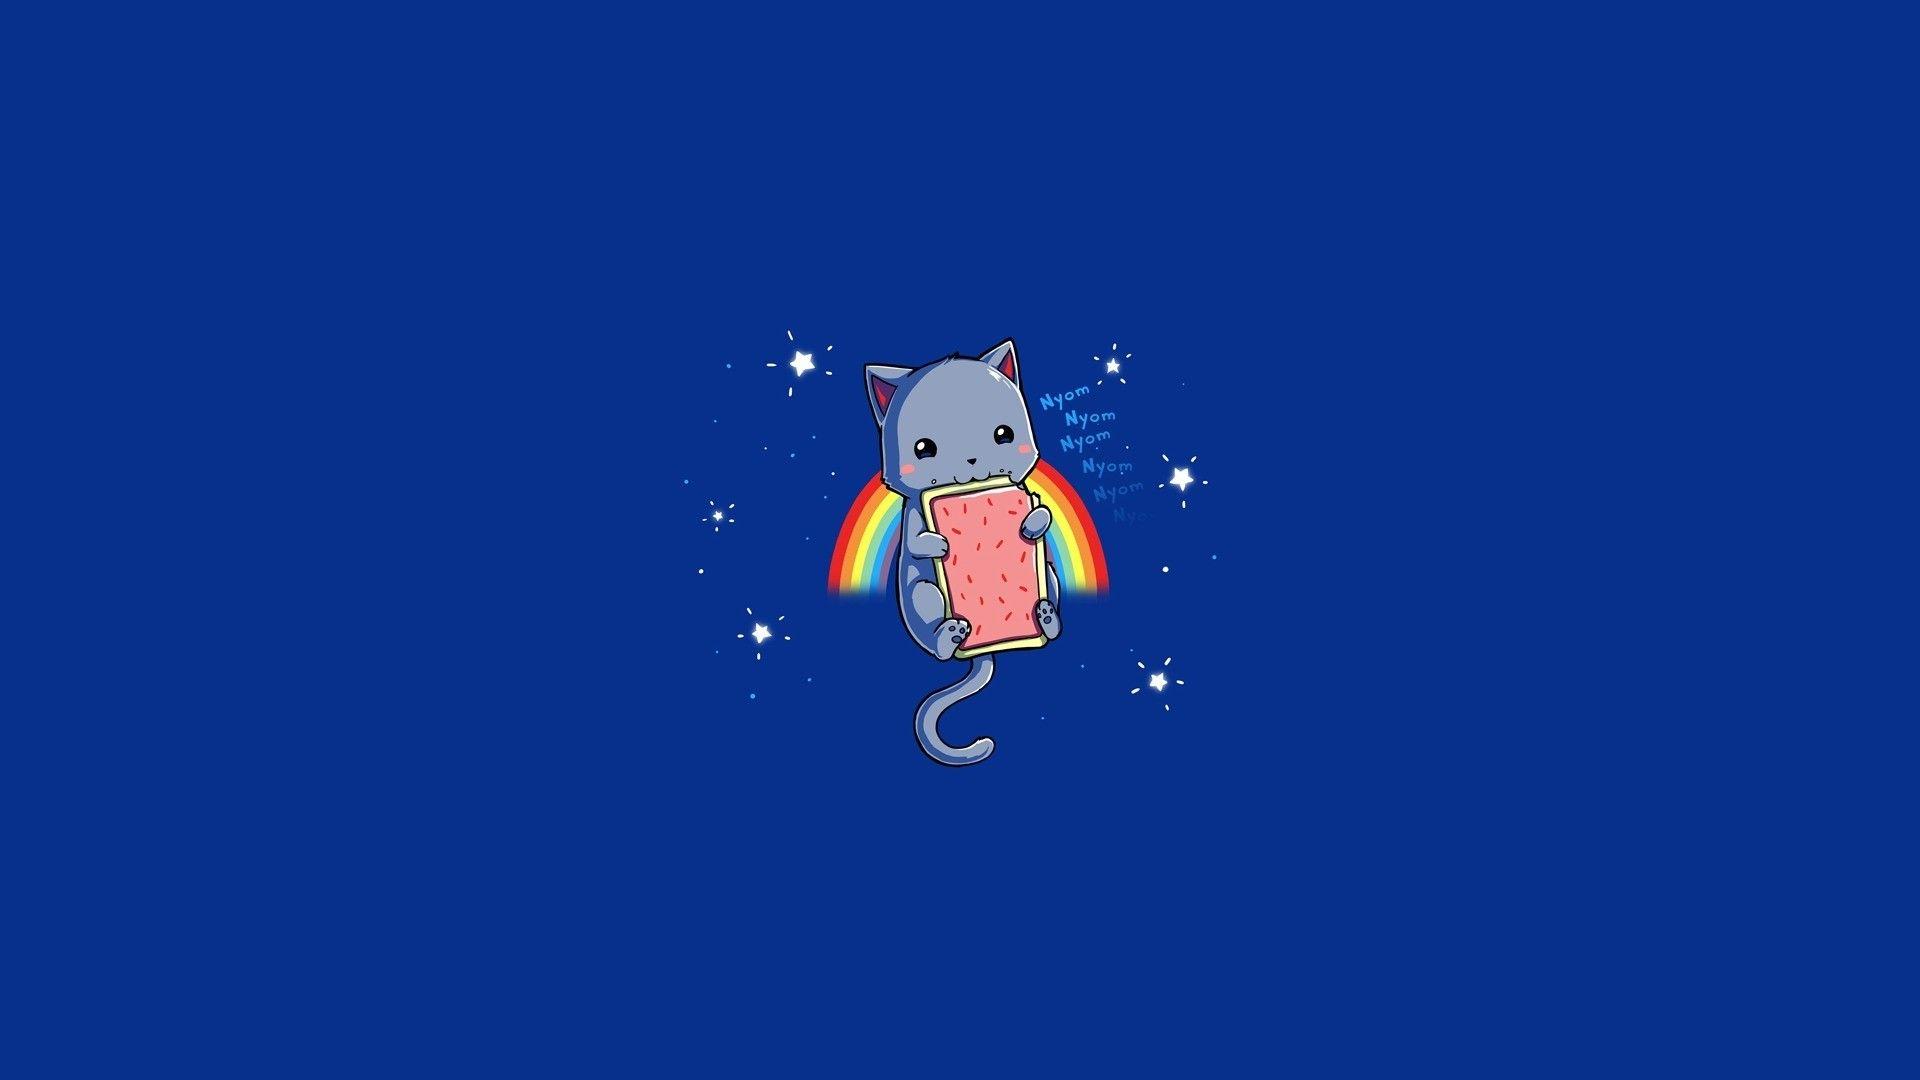 Cute Cartoon Cat Wallpaper 640 960 Wallpaper Cat Cartoon 35 Wallpapers Adorable Wallpapers Cute Wallpaper Backgrounds Cat Wallpaper Nyan Cat